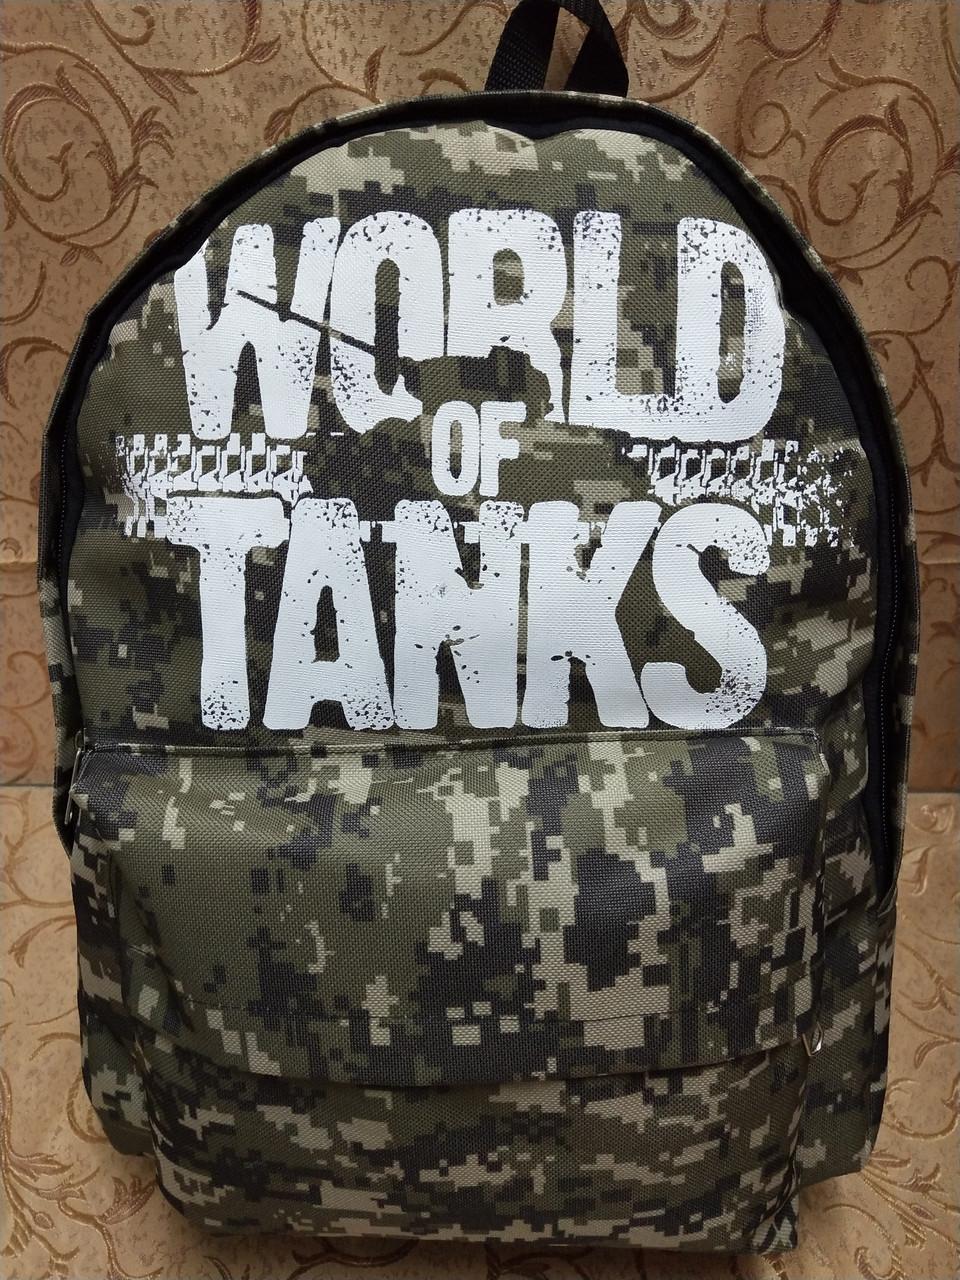 (39*29маленький)Принт камуфляж рюкзак world of tanks/спортивный спорт  городской ОПТ